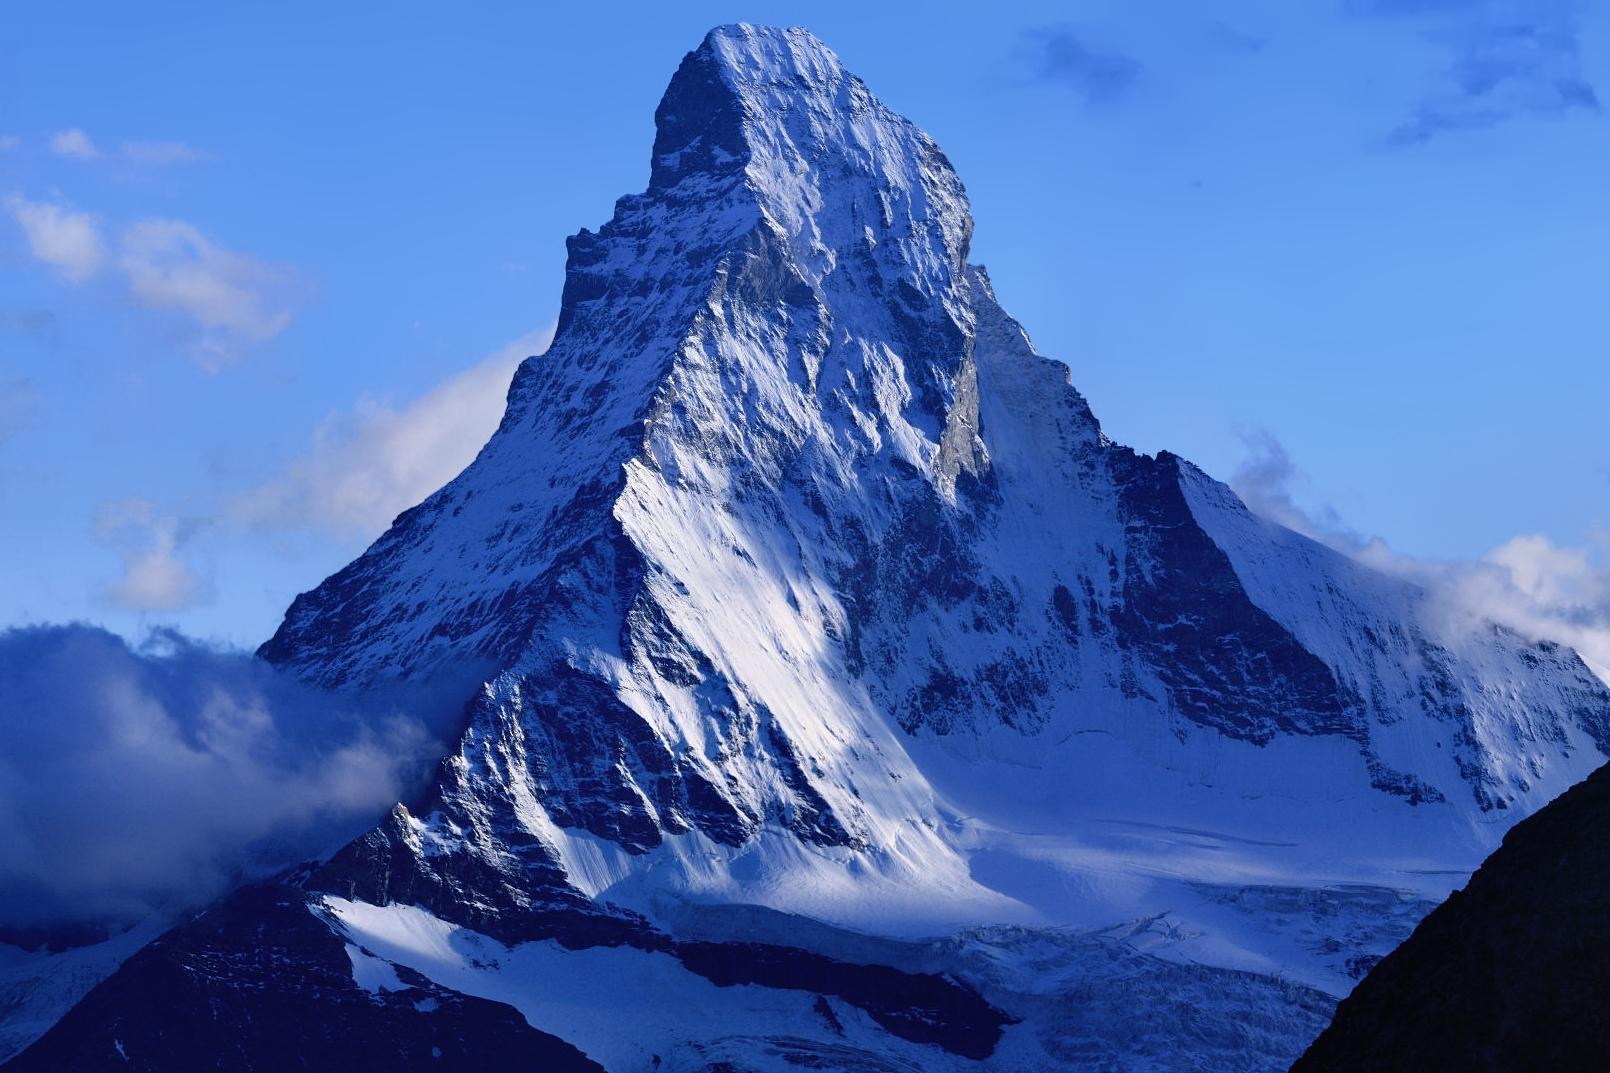 Úti célok 2015-re: Matterhorn